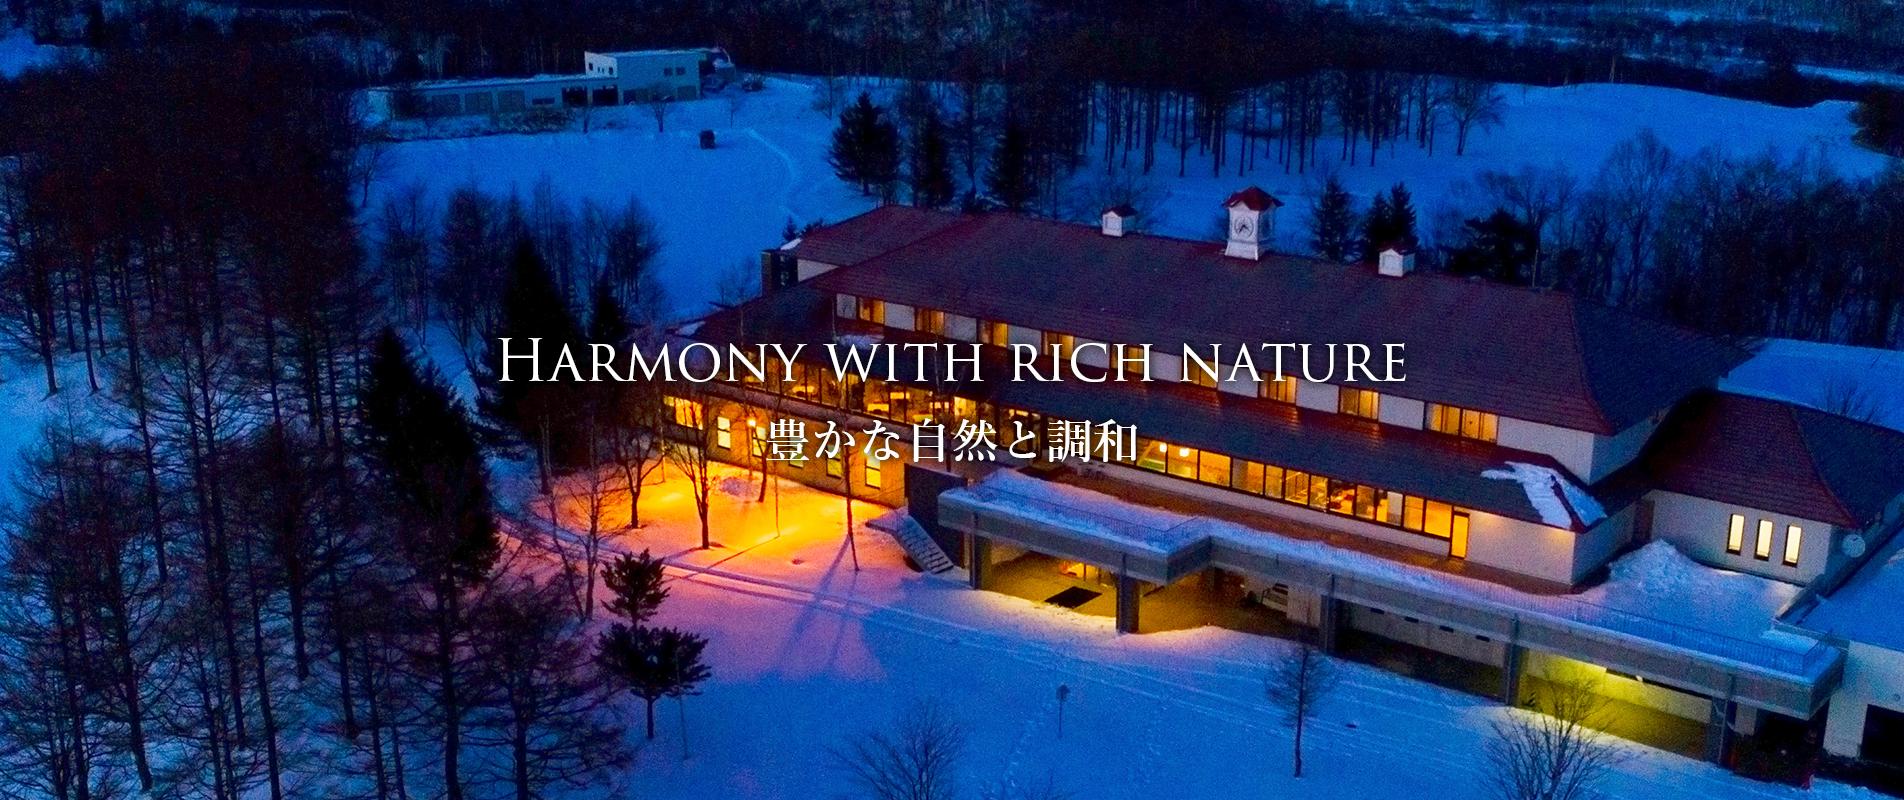 豊かな自然と調和